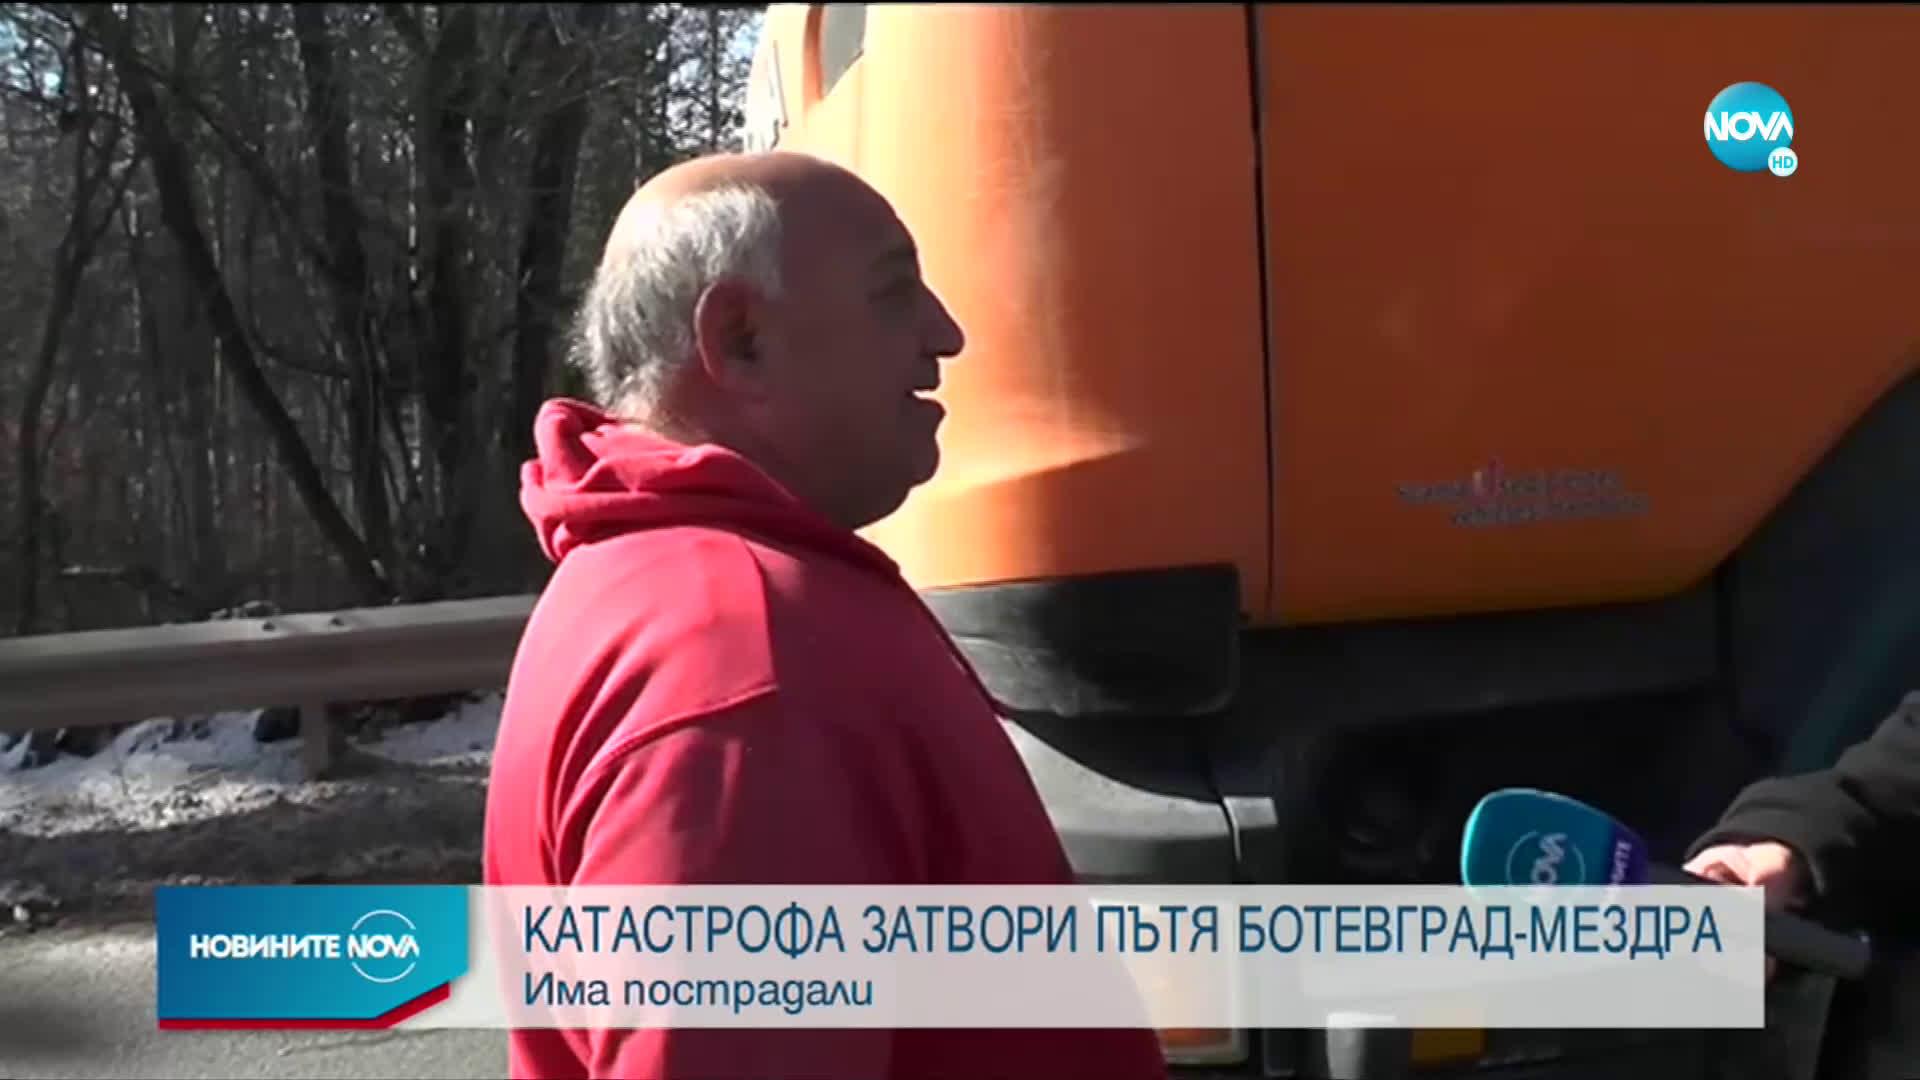 Тежка катастрофа затвори пътя Ботевград – Мездра, има пострадали